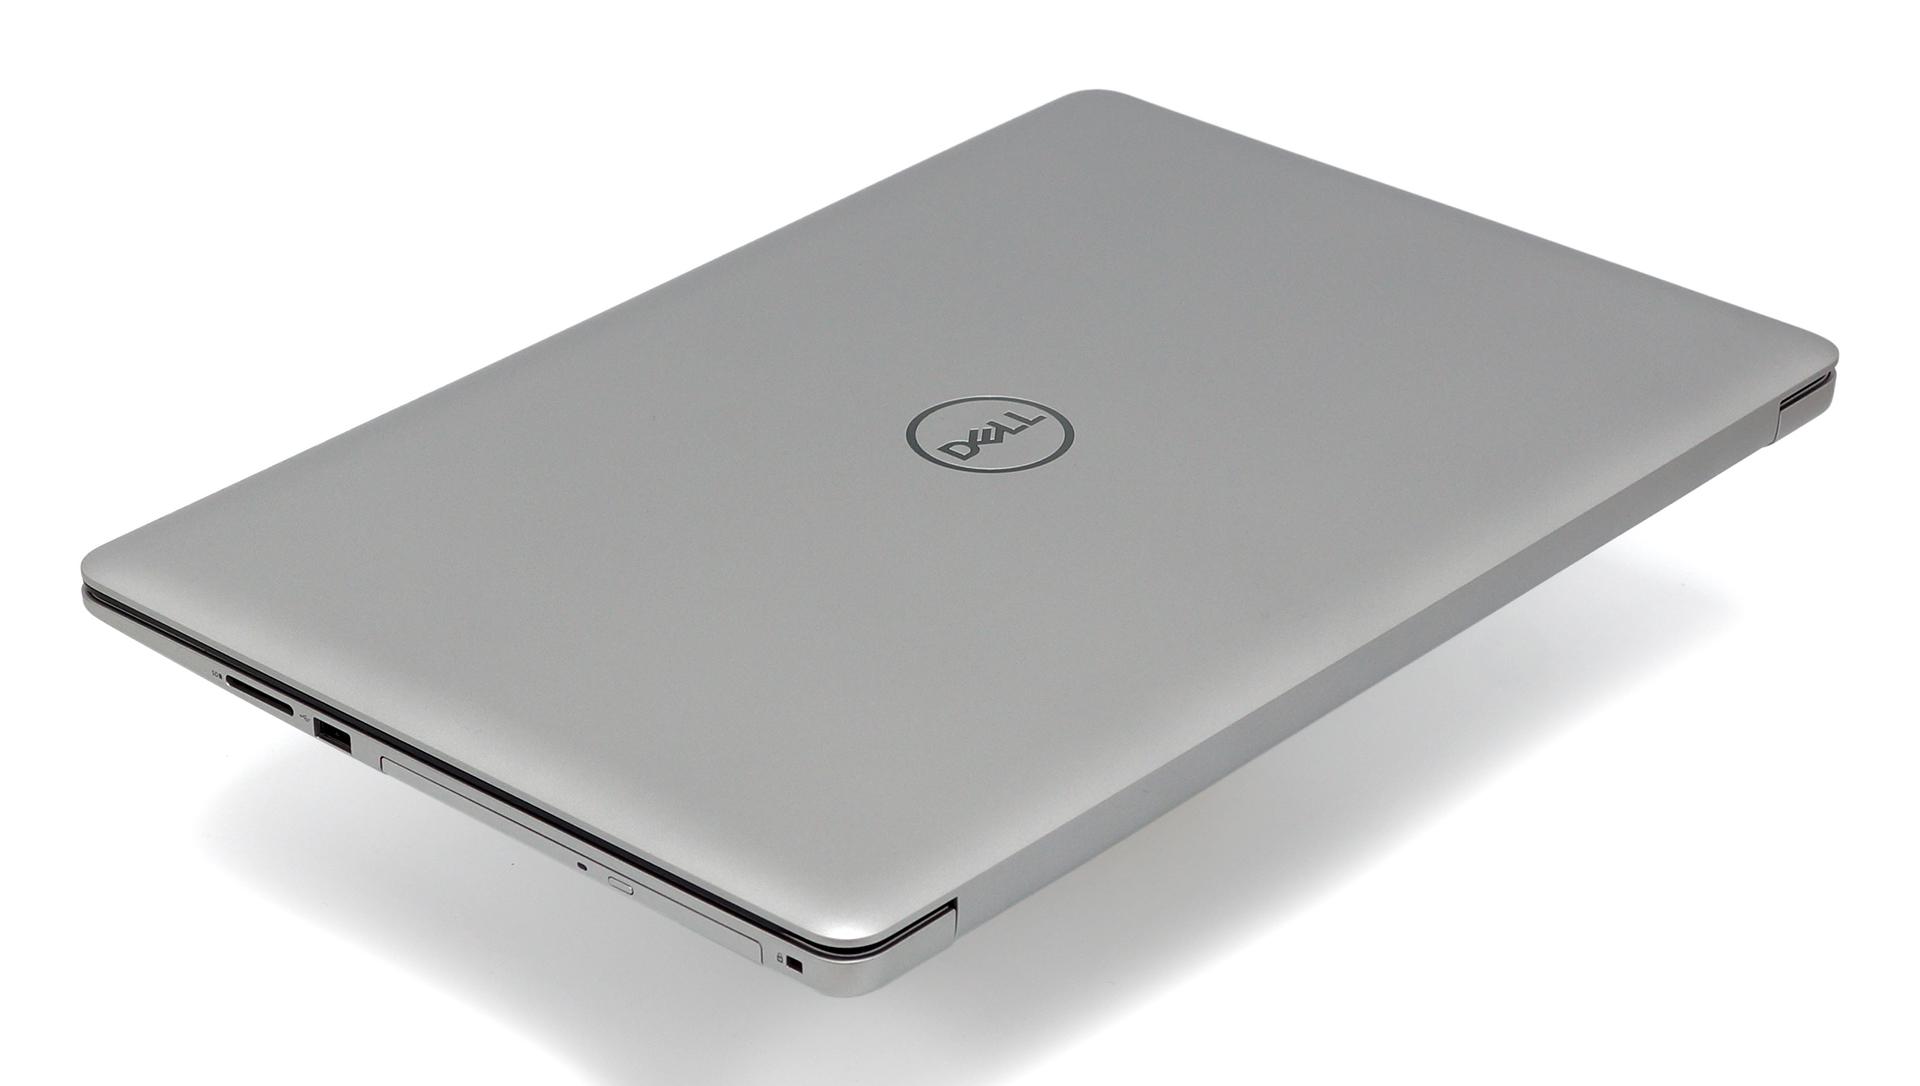 Dell Inspiron 17 5770 (Core i7-8550U, AMD Radeon 530) review